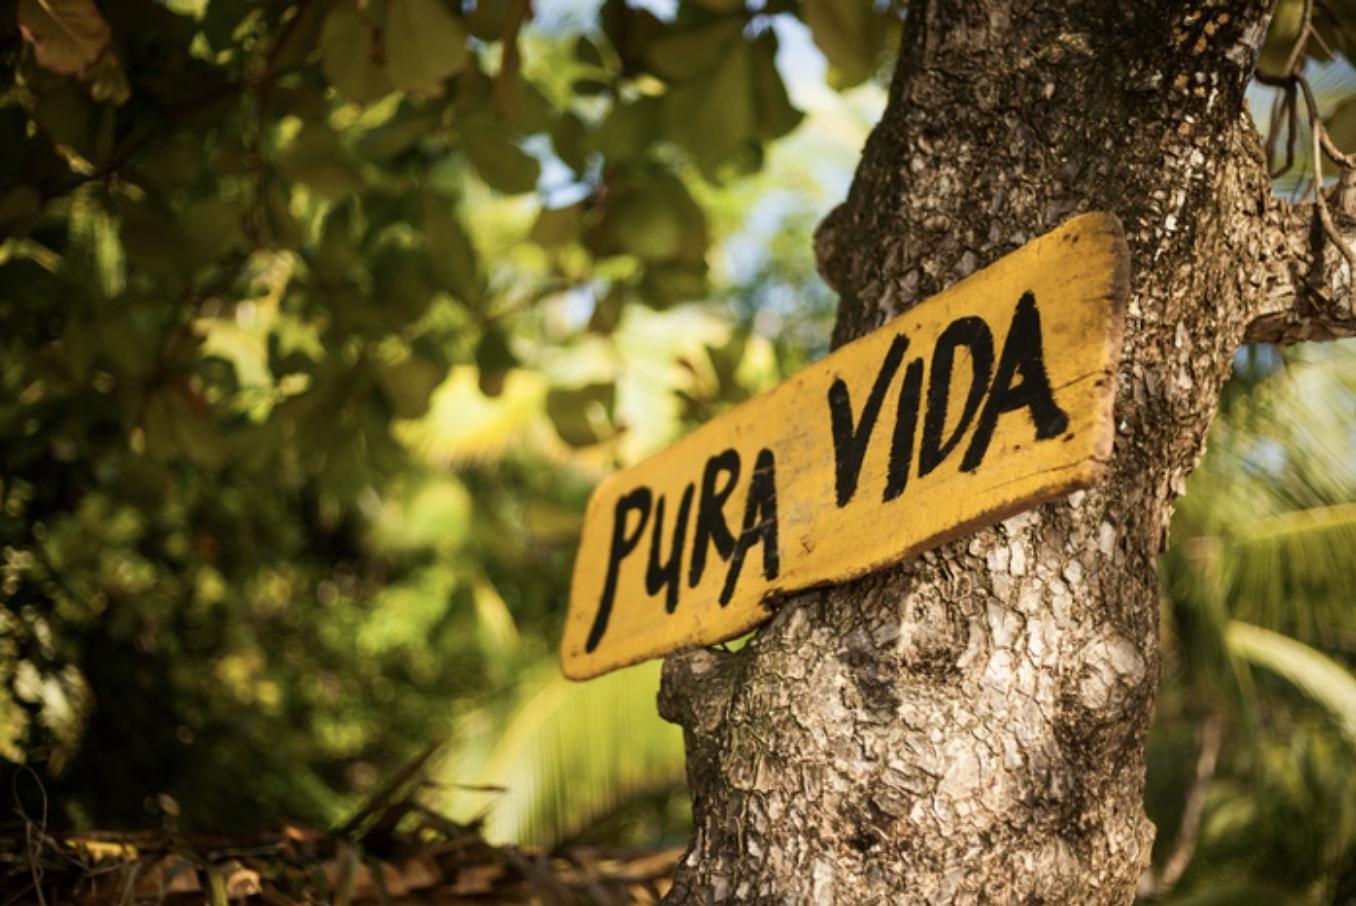 Pura vida - viajar para a Costa Rica 2021